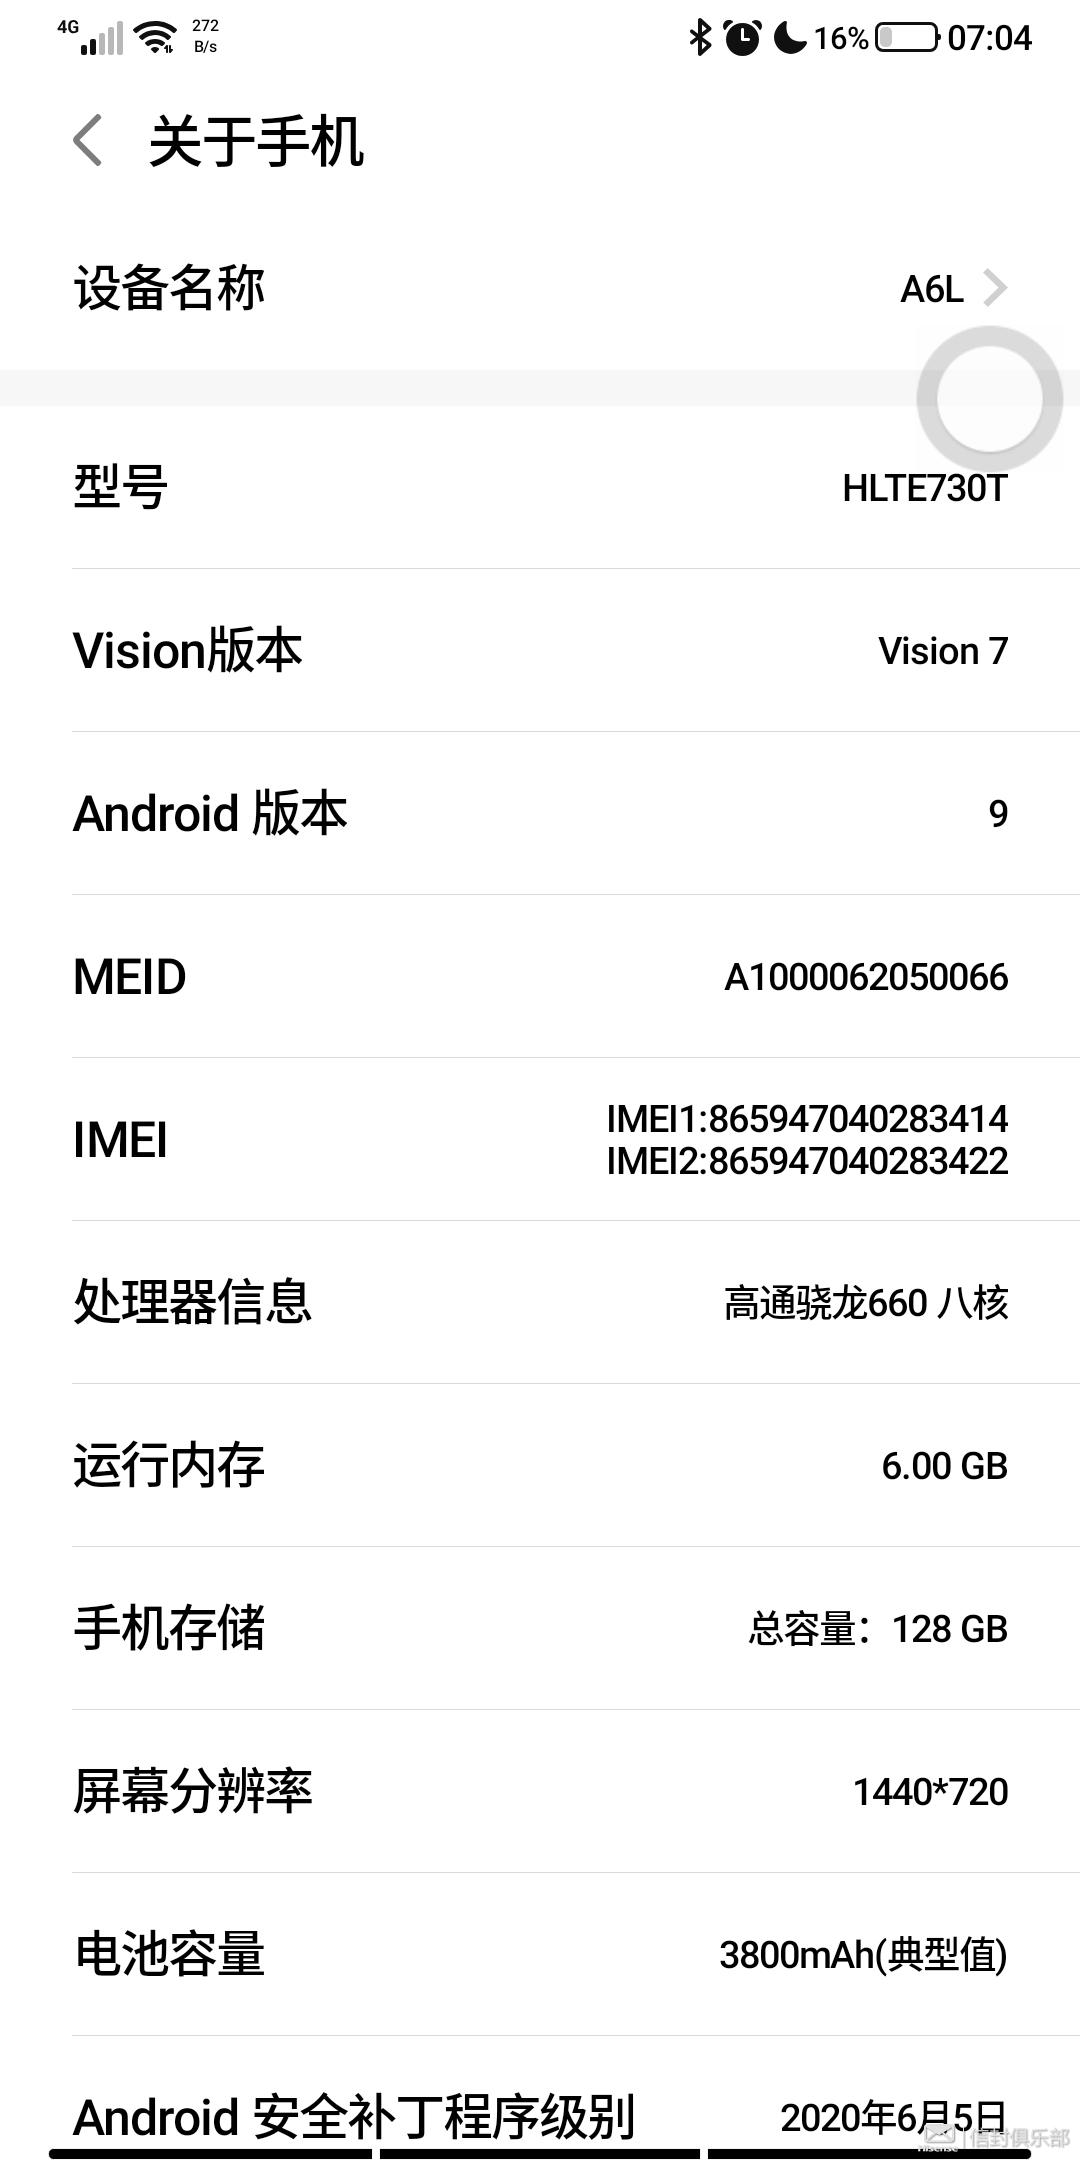 Screenshot_20210731_070404073_设置.jpg